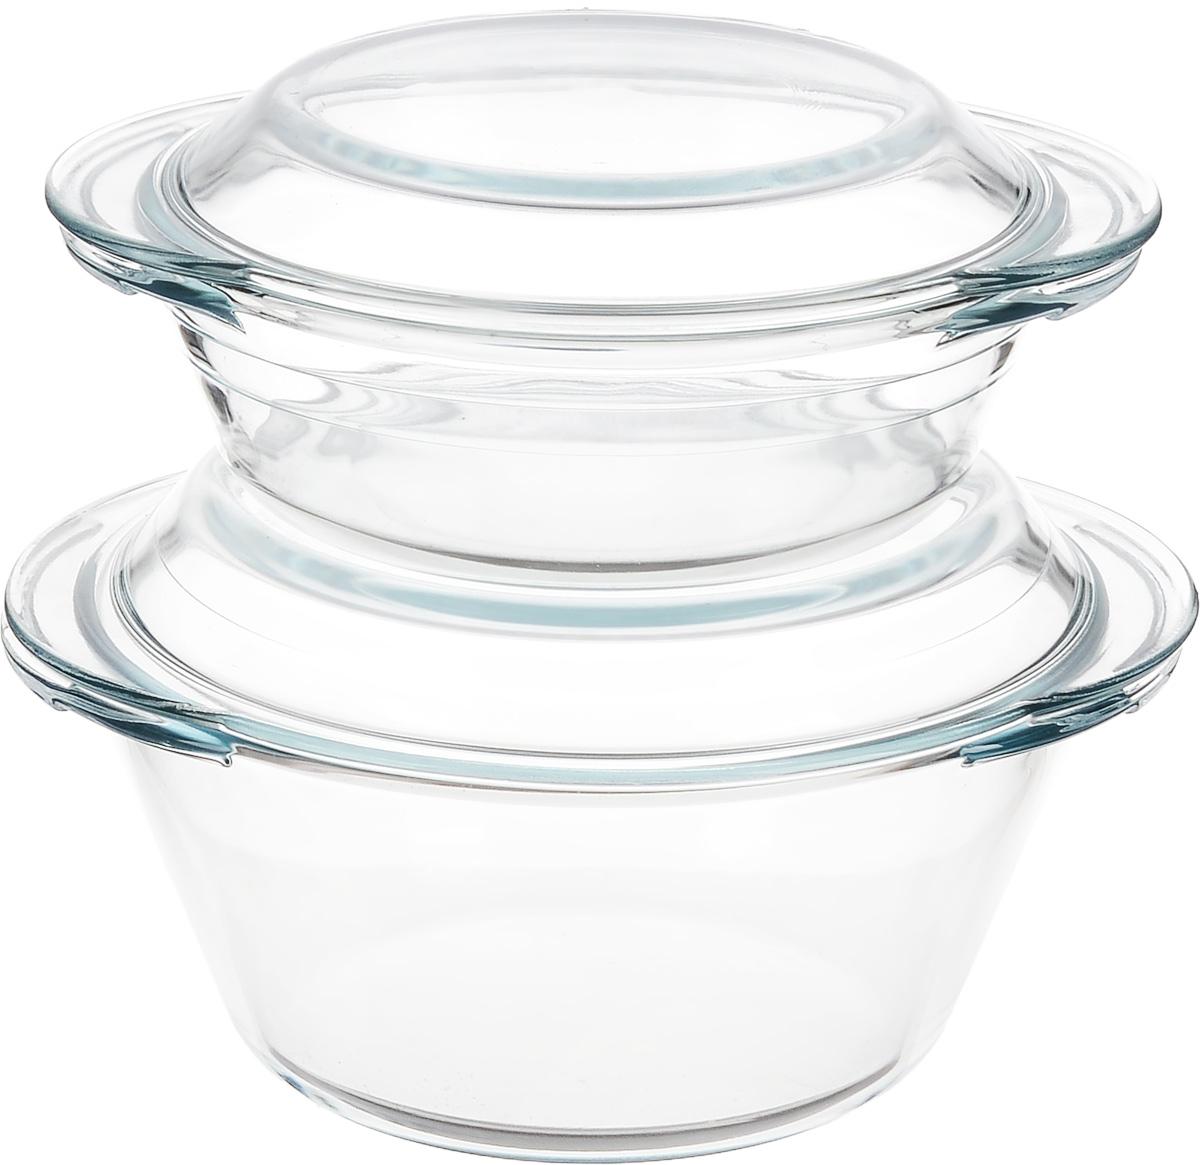 Набор кастрюль Helper Gurman, с крышками, 4 предмета. 454754 009312Набор Helper Gurman состоит из двух кастрюль с крышками. Кастрюли изготовлены из жаропрочного стекла. Стеклянная огнеупорная посуда идеальна для приготовления блюд в духовке, микроволновой печи, а также для хранения продуктов в холодильнике и морозильной камере. Безопасна с точки зрения экологии. Не вступает в реакции с готовящейся пищей, не боится кислот и солей. Не ржавеет, в ней не появляется накипь. Не впитывает запахи и жир. Благодаря прозрачности стекла, за едой можно наблюдать при ее готовке. Изделия оснащены небольшими ручками.Можно мыть в посудомоечной машине.Объем кастрюль: 1 л, 2 л.Диаметр кастрюль: 17 см, 19,5 см.Высота стенки кастрюль: 5,5 см, 9 см.